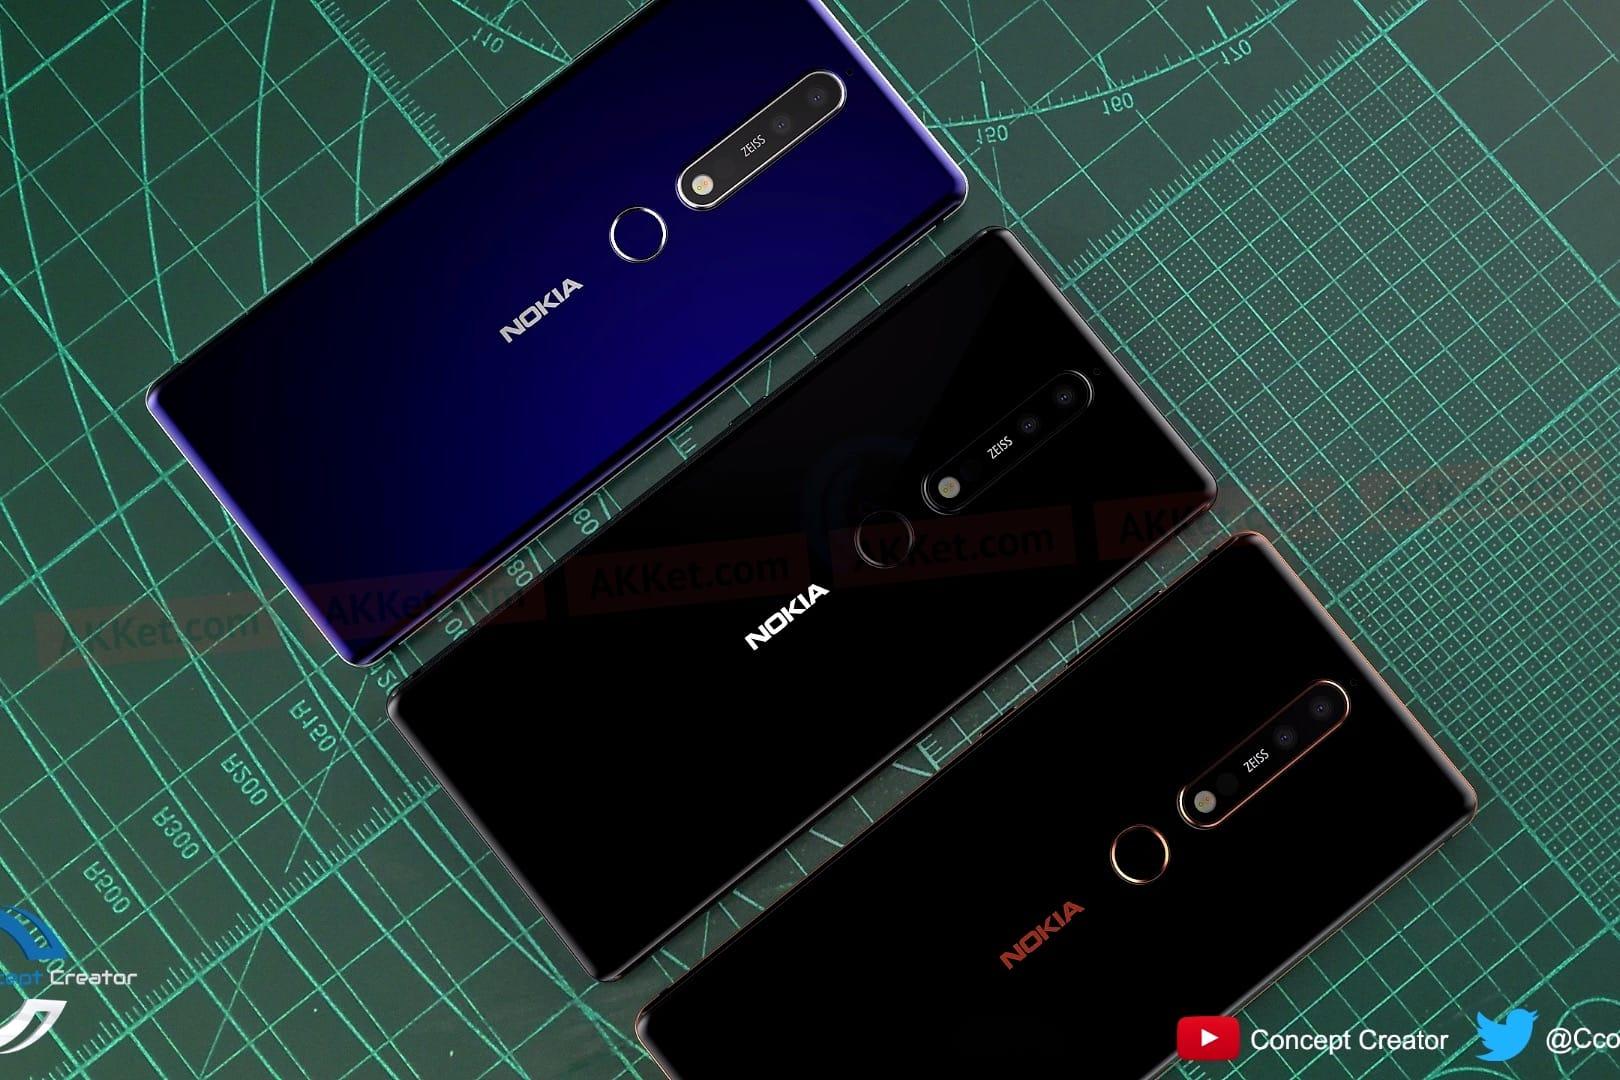 HMD снизила цену на мобильные телефоны нокиа 8